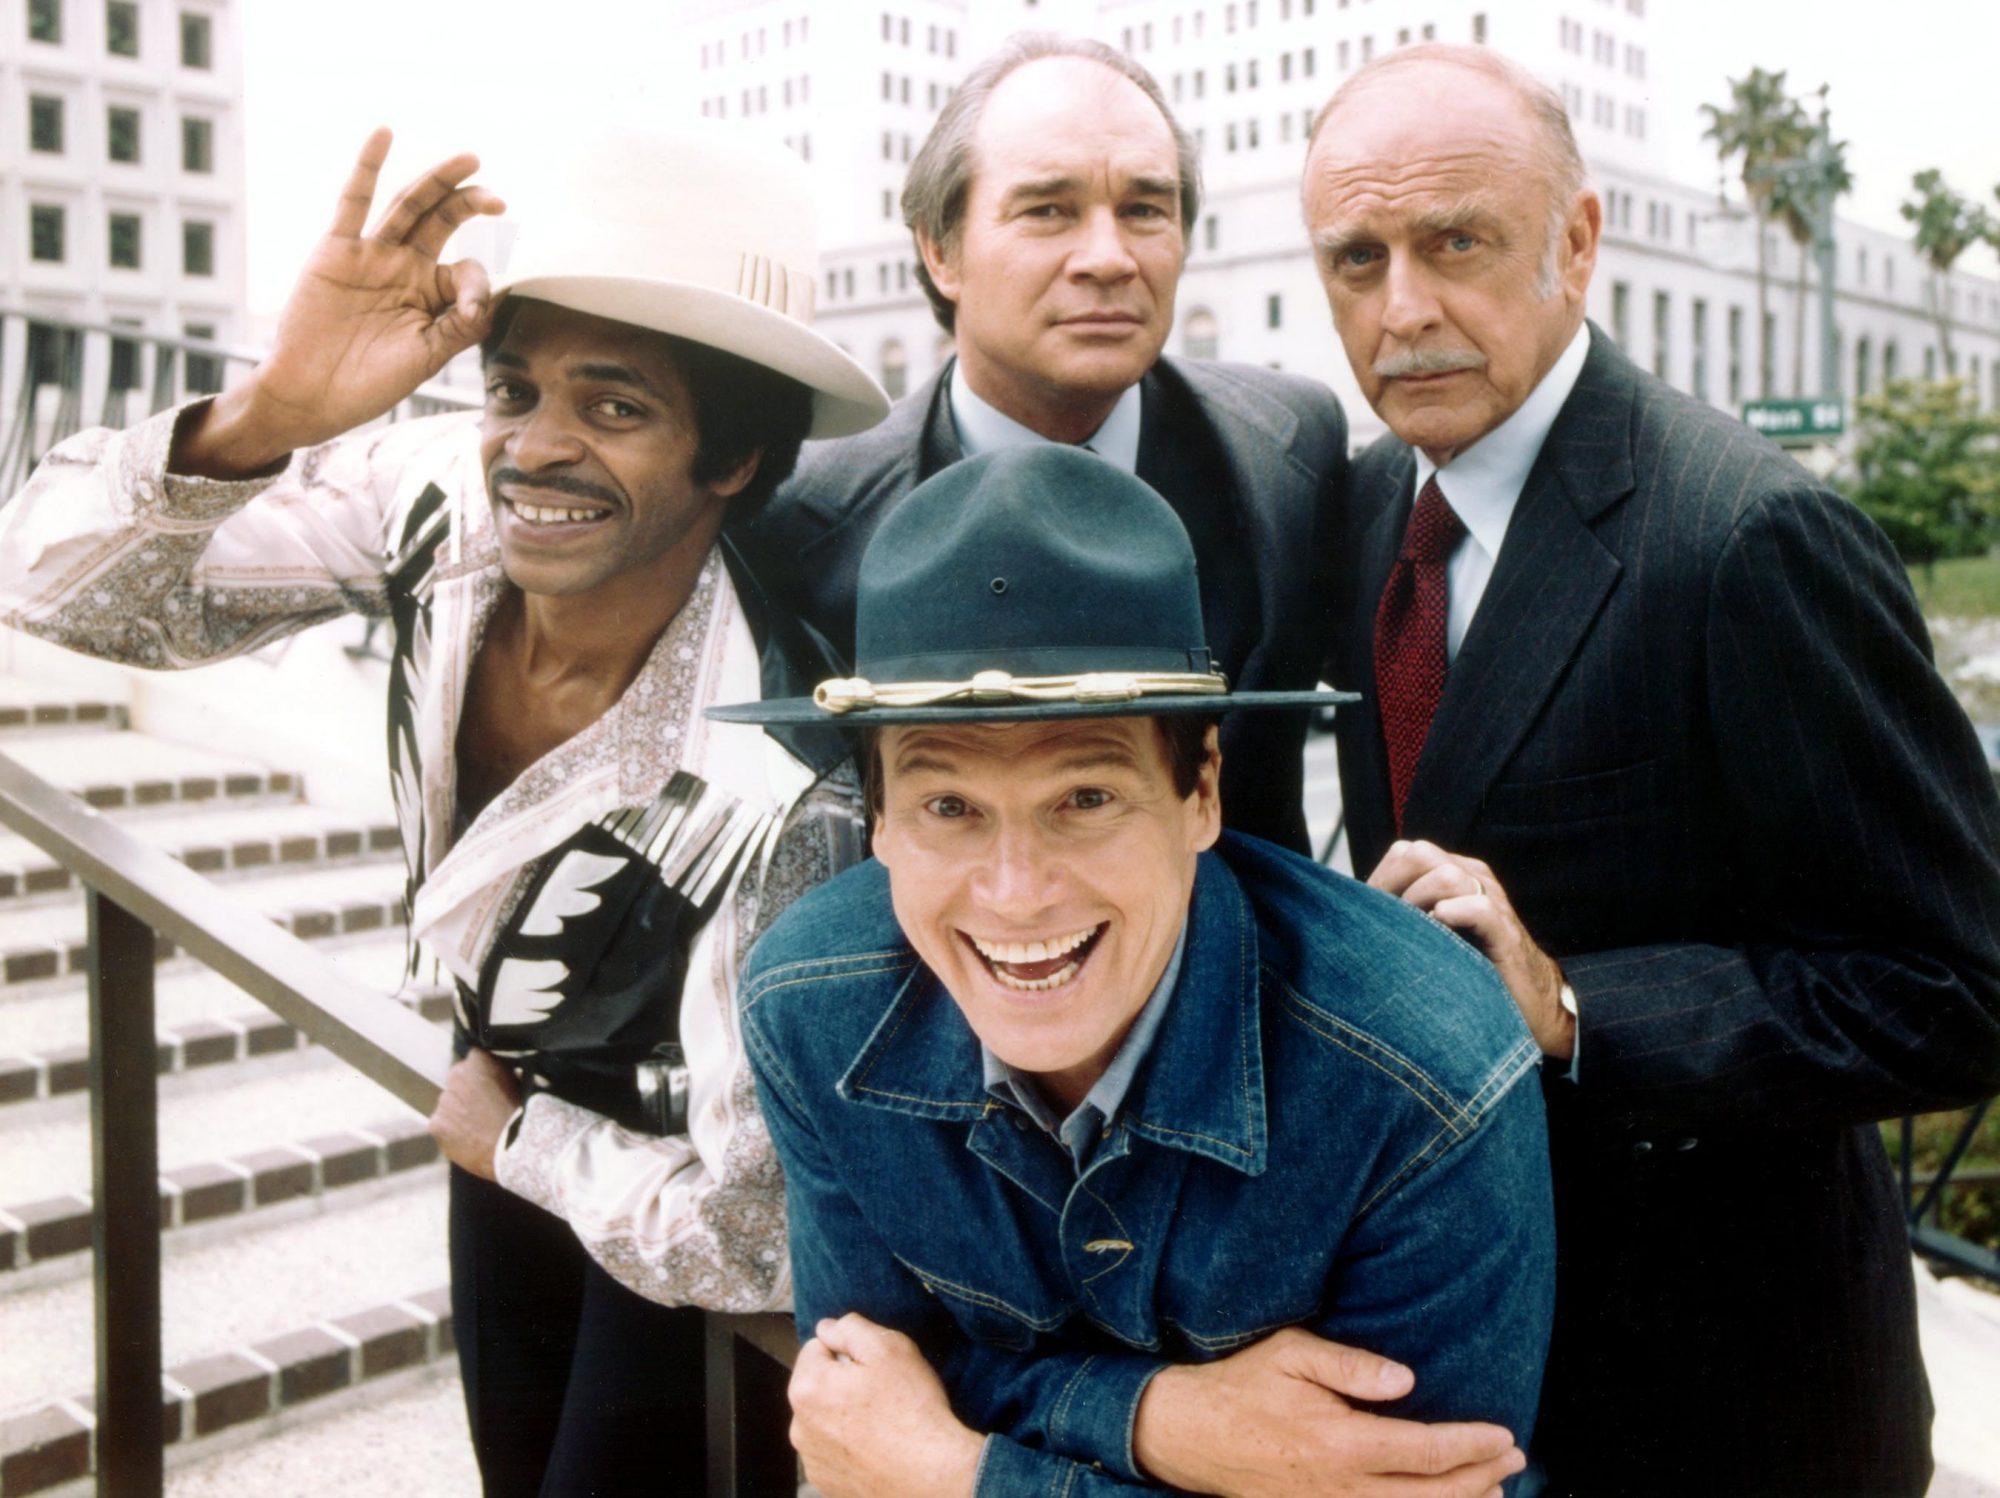 ENOS, Samuel E. Wright, Sonny Shroyer, John Milford, John Dehner, 1980